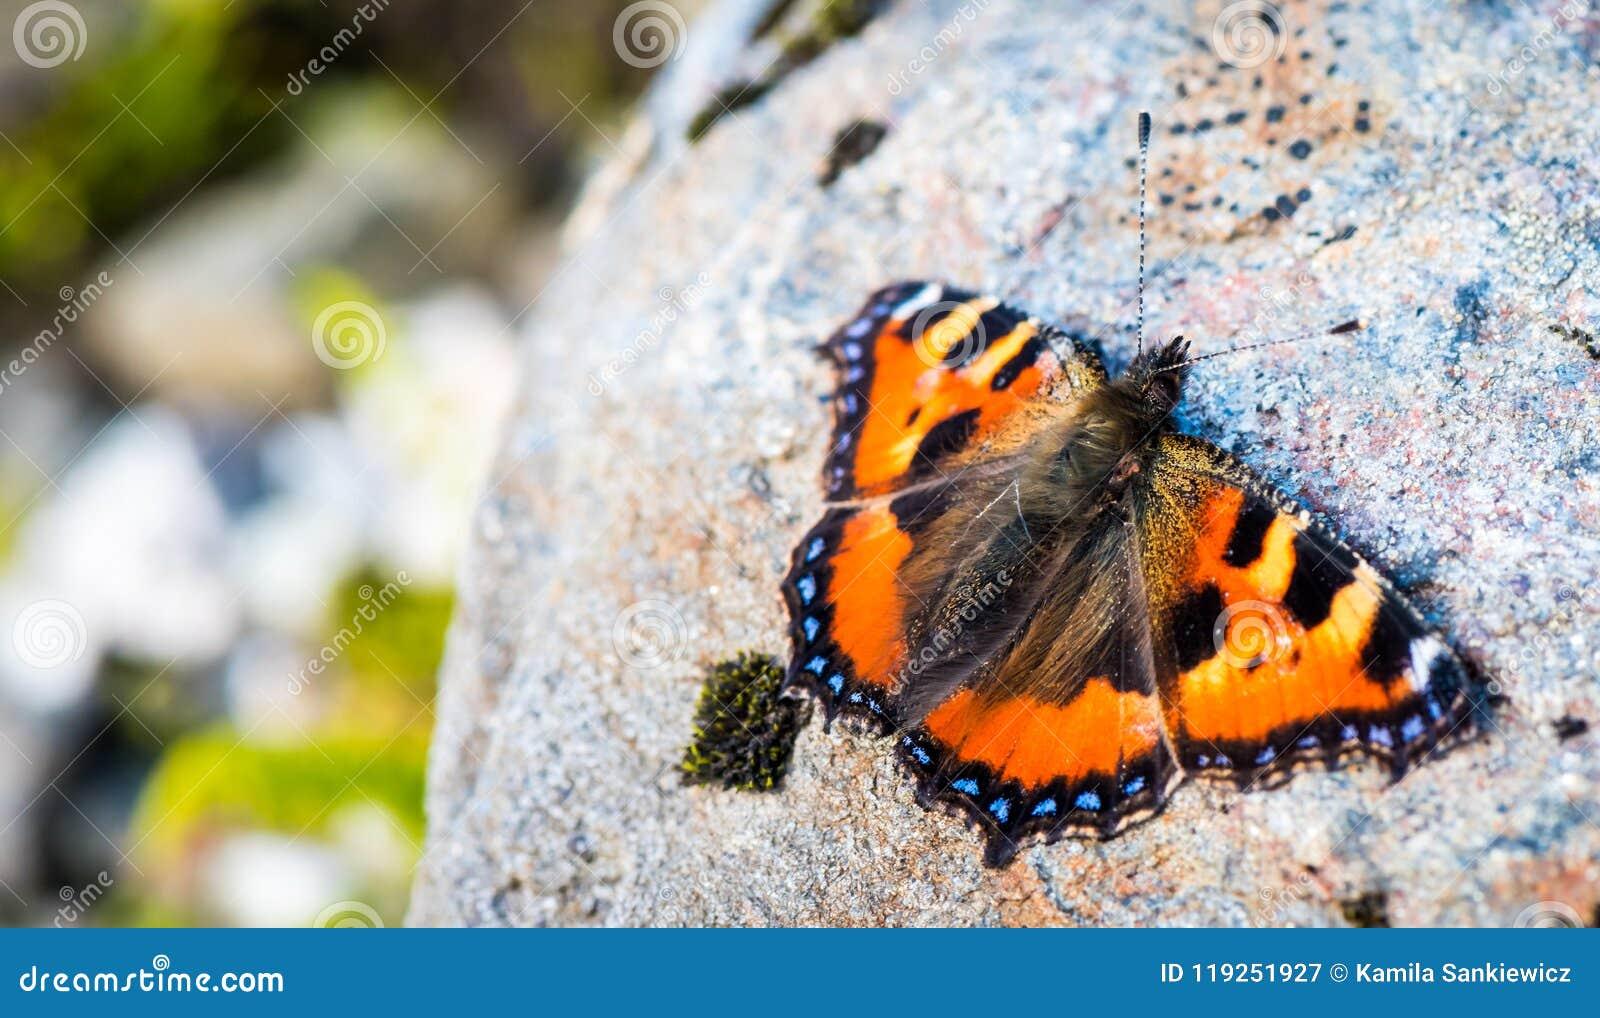 Orange butterfly on a rock